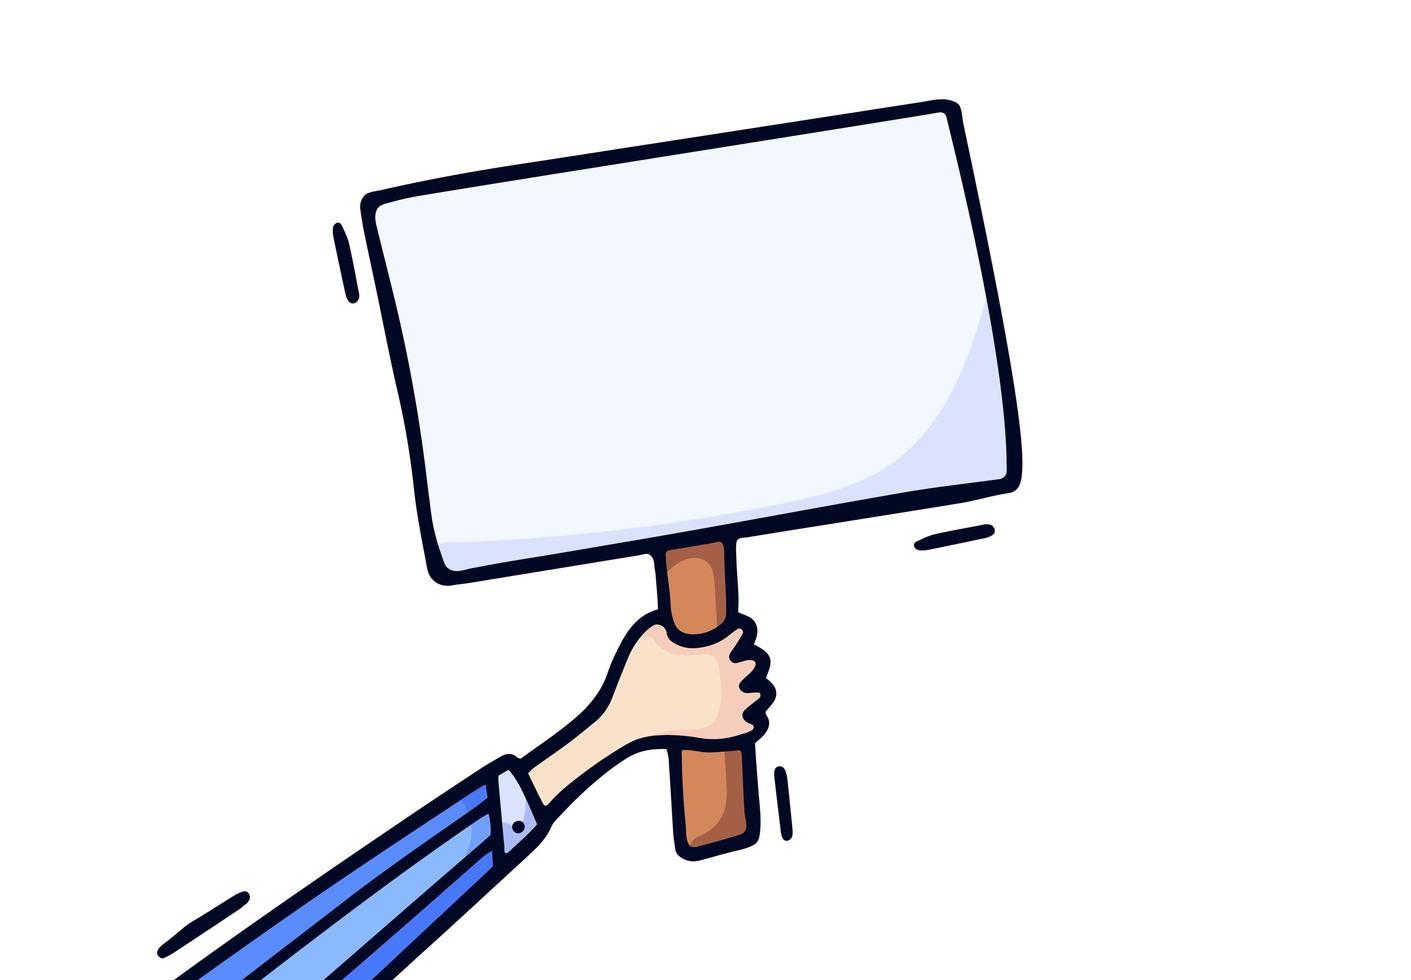 mano sosteniendo la ilustración de vector de placa en blanco. Dibujar a mano el concepto de estilo de dibujo de elección, votación, pancarta de protesta